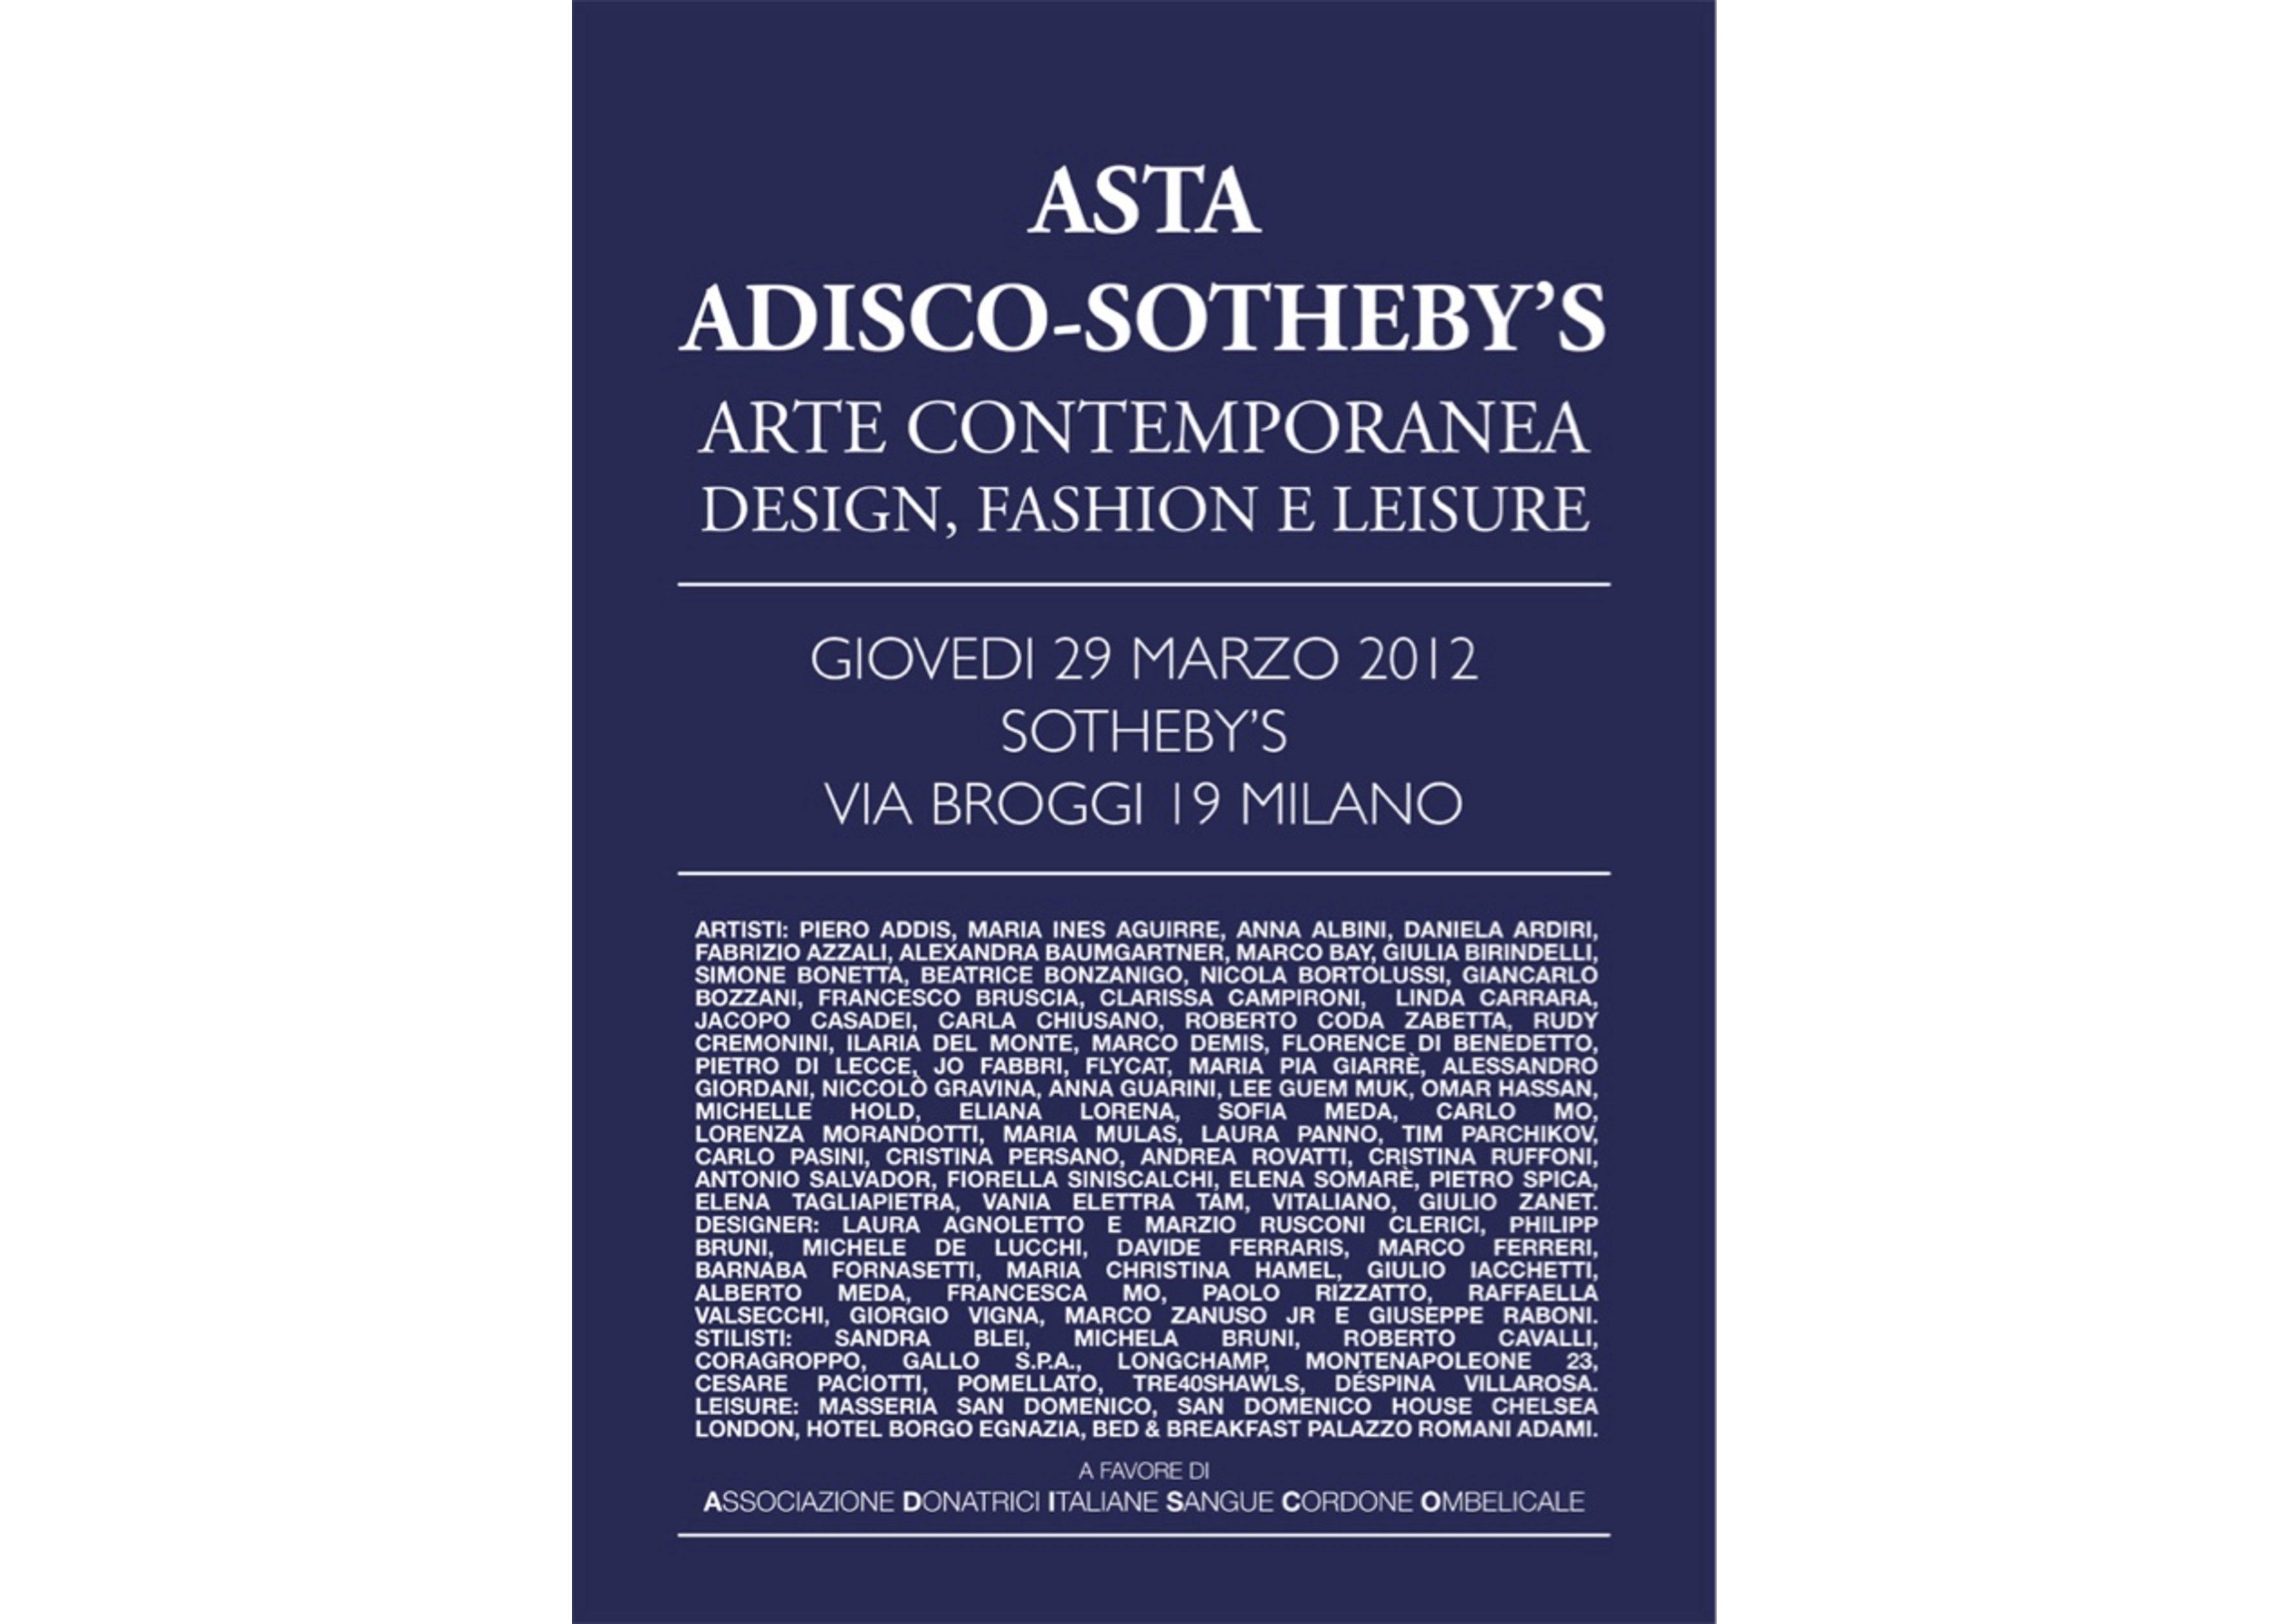 Catalogo Adisco-Sotheby's 2012